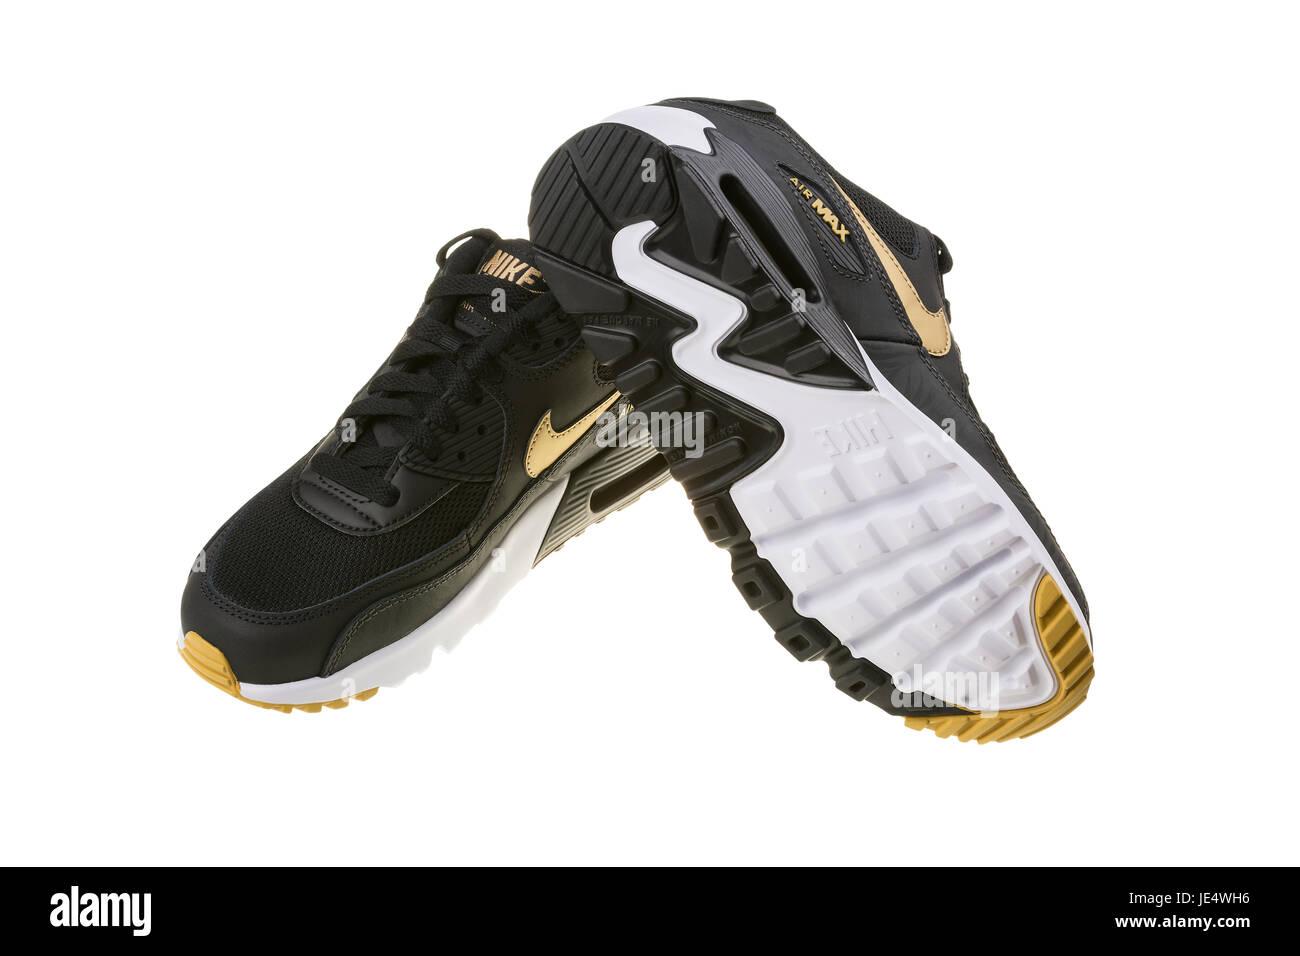 Page Photos Images Nike 2 Alamy amp; Shoe qgUwI8vBI